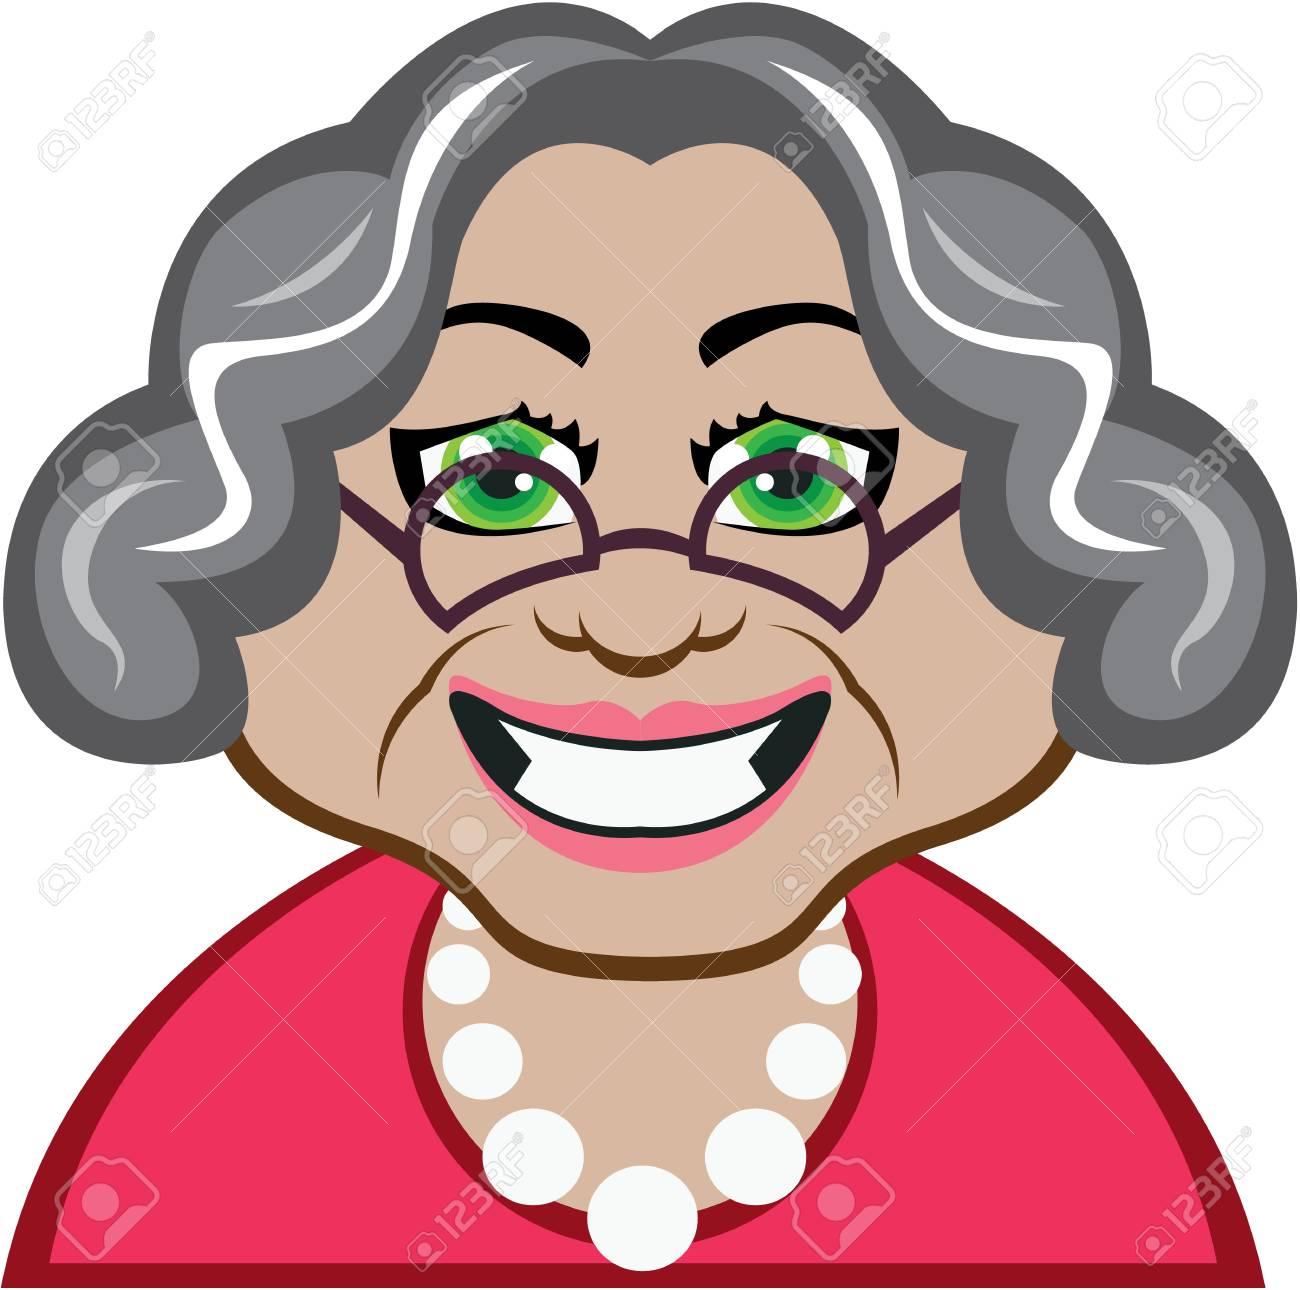 おばあちゃんベクトル イラスト クリップ アート イメージ